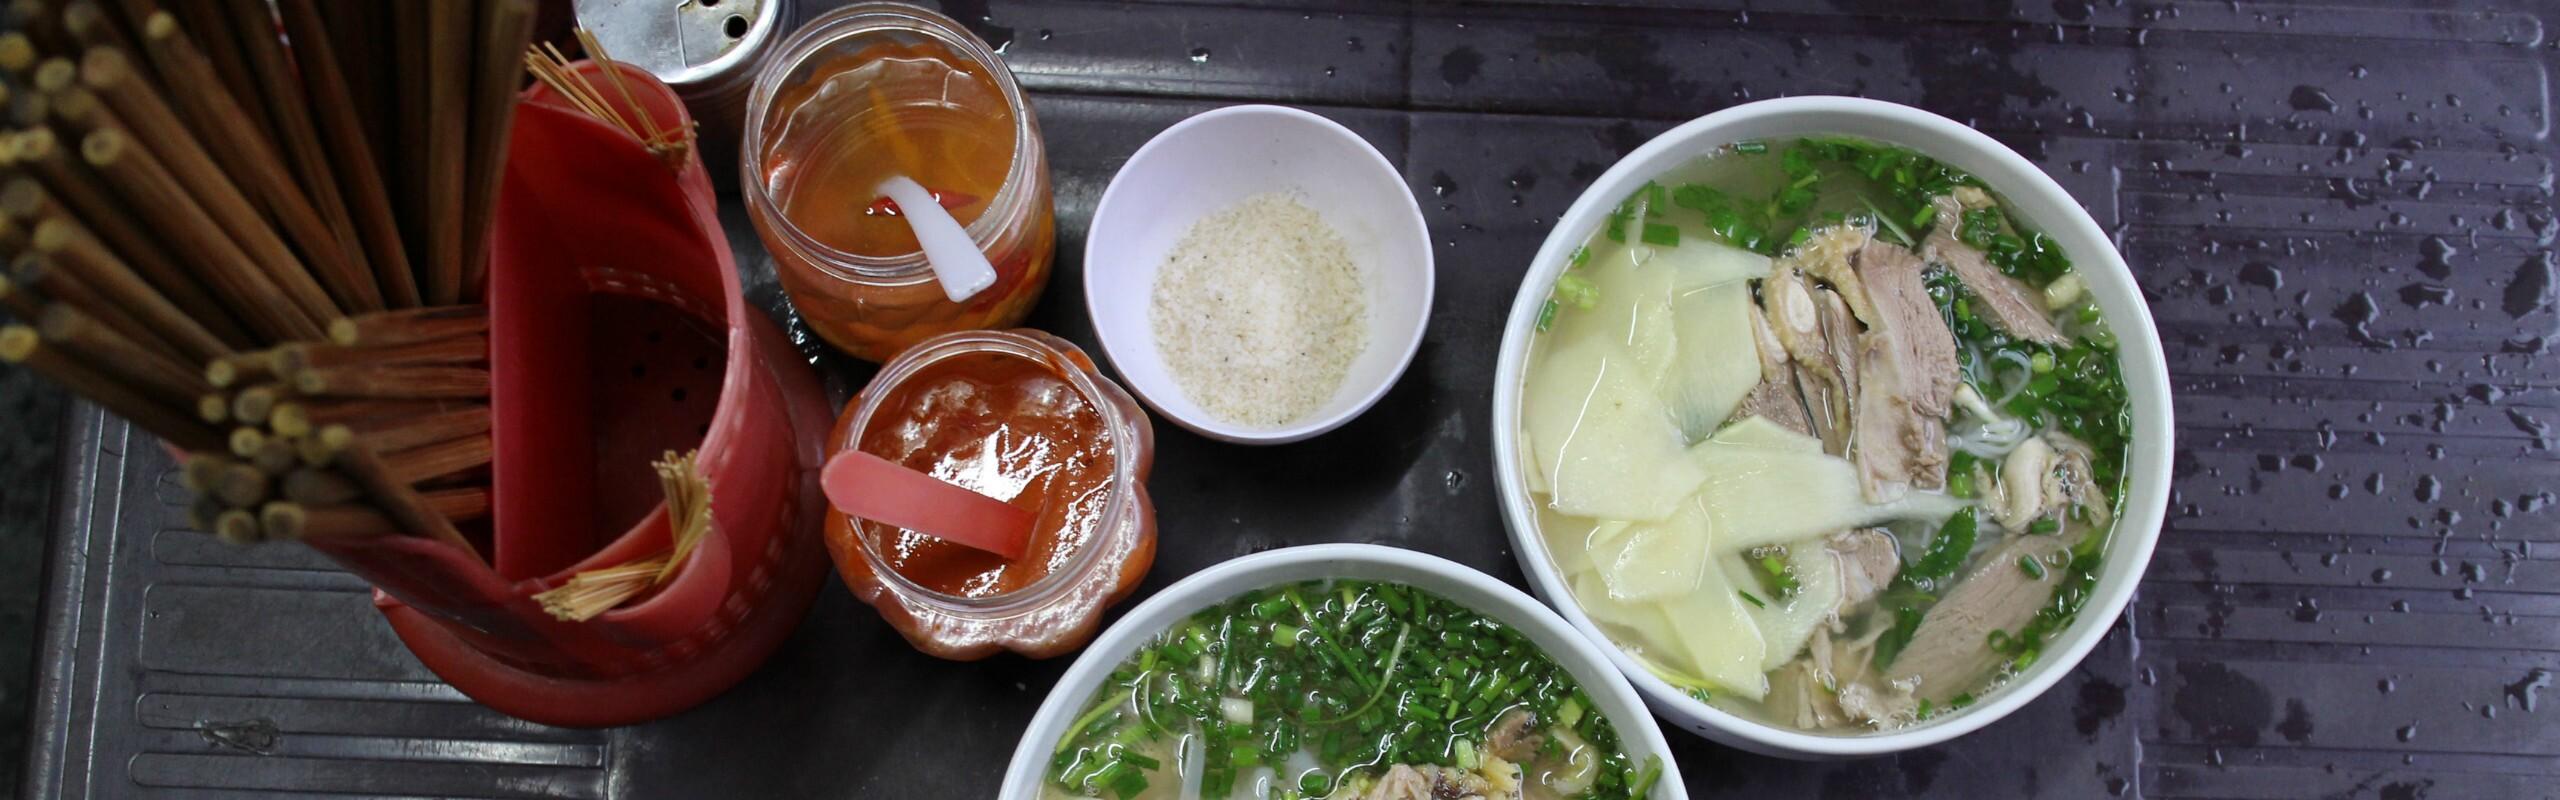 Pho in Vietnam — Ingredients and Preparation